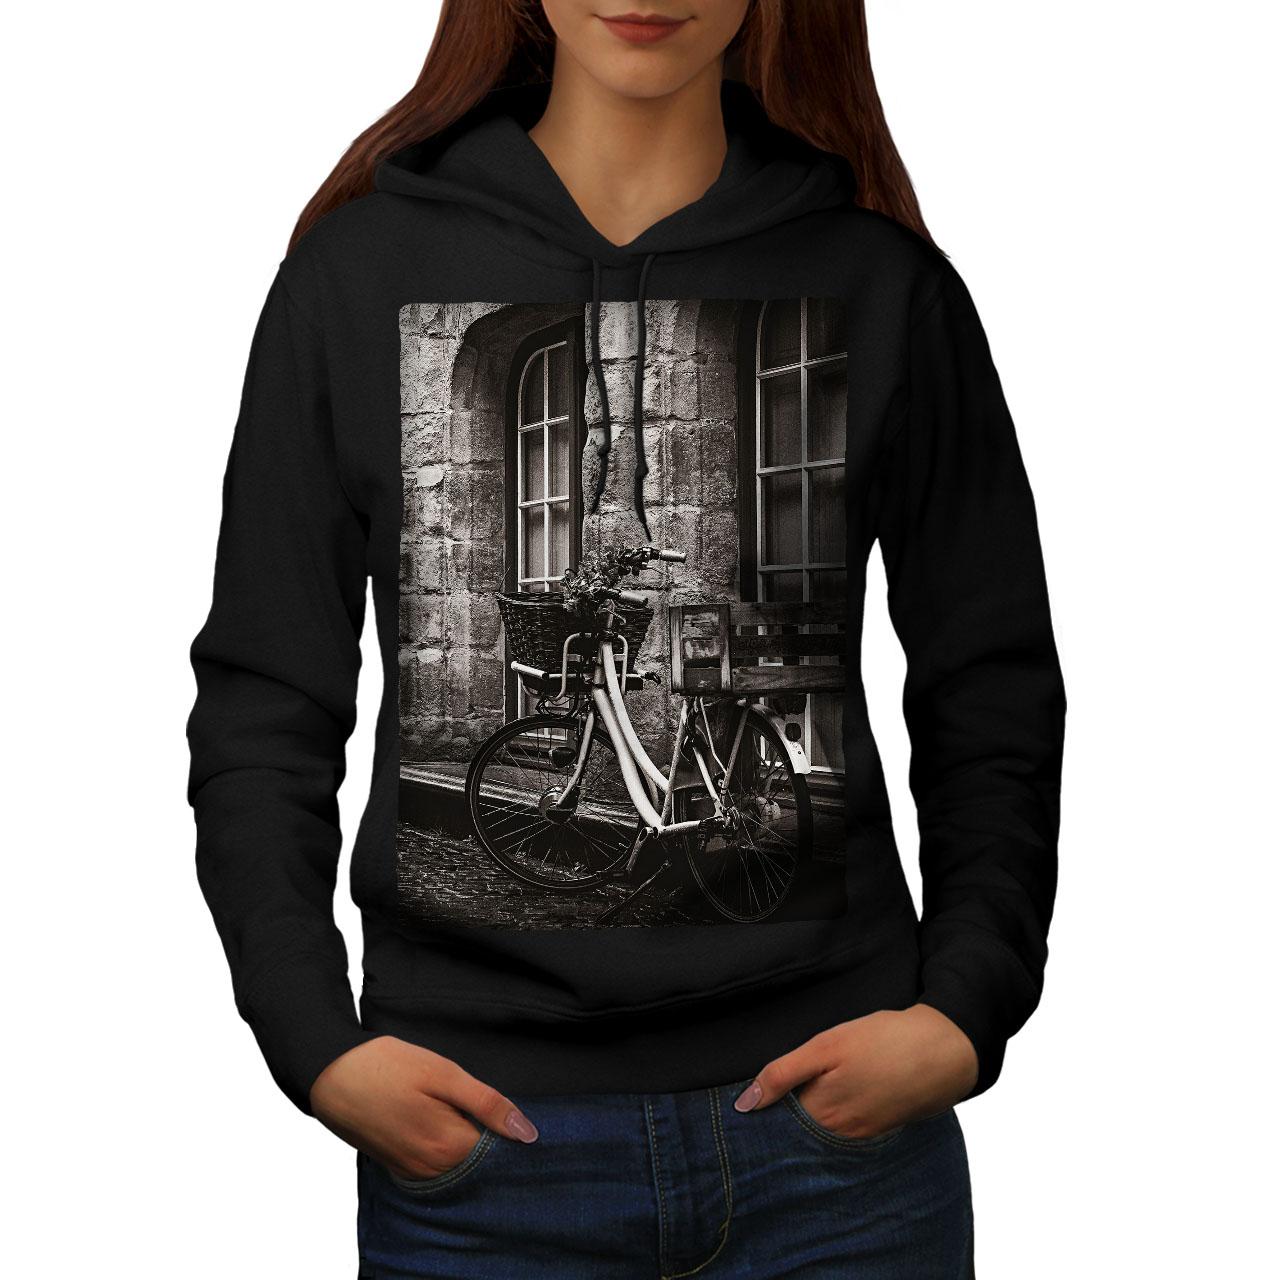 wellcoda Clock Retro Photo Mens Hoodie Vintage Hooded Sweatshirt